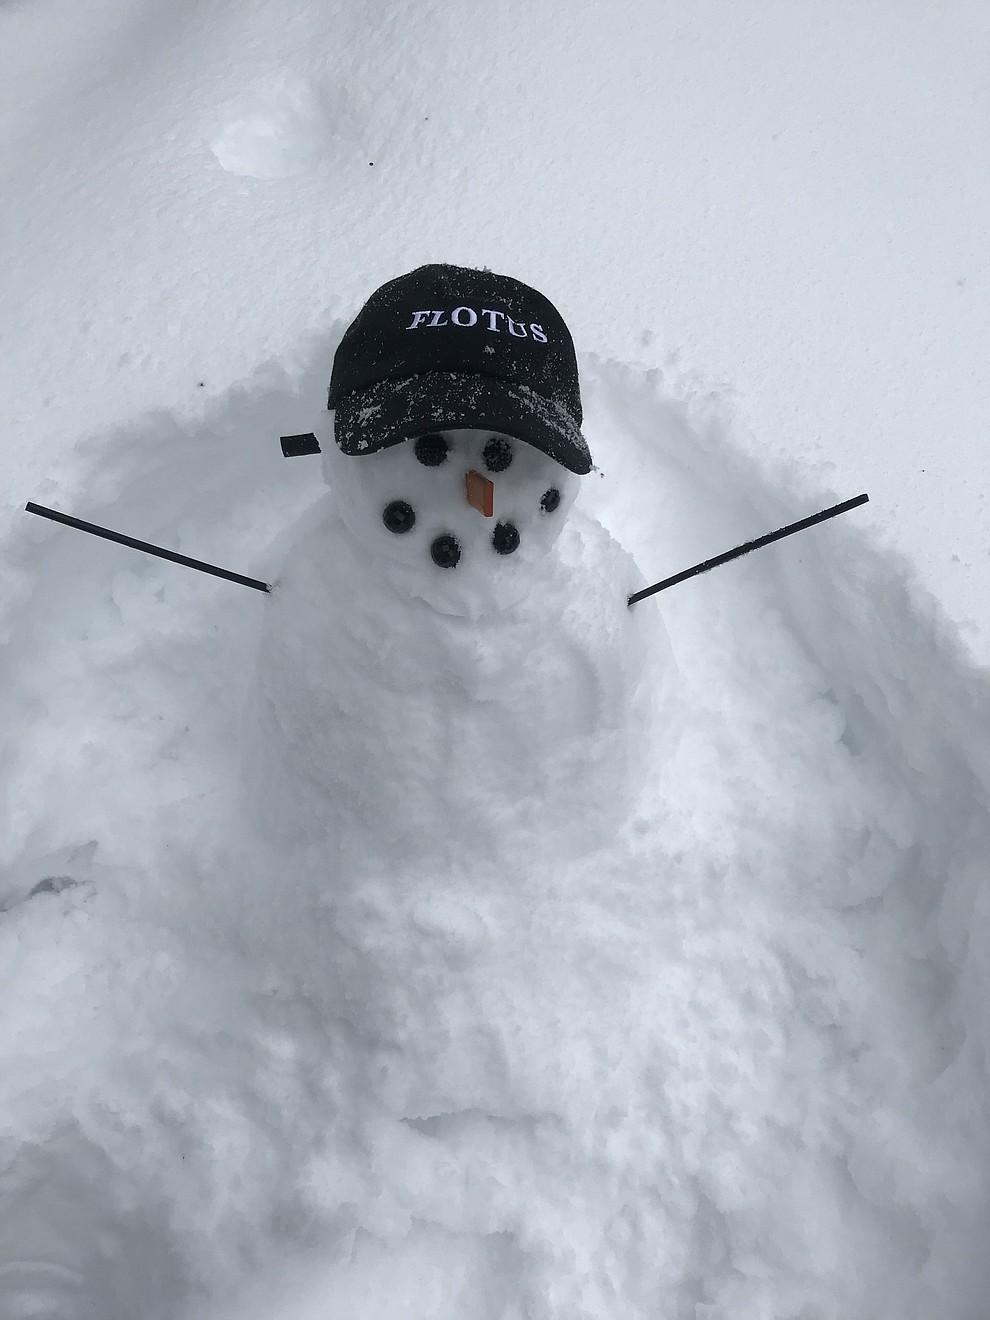 FLOTUS snowman taken at 4pm 2/21 in downtown Prescott